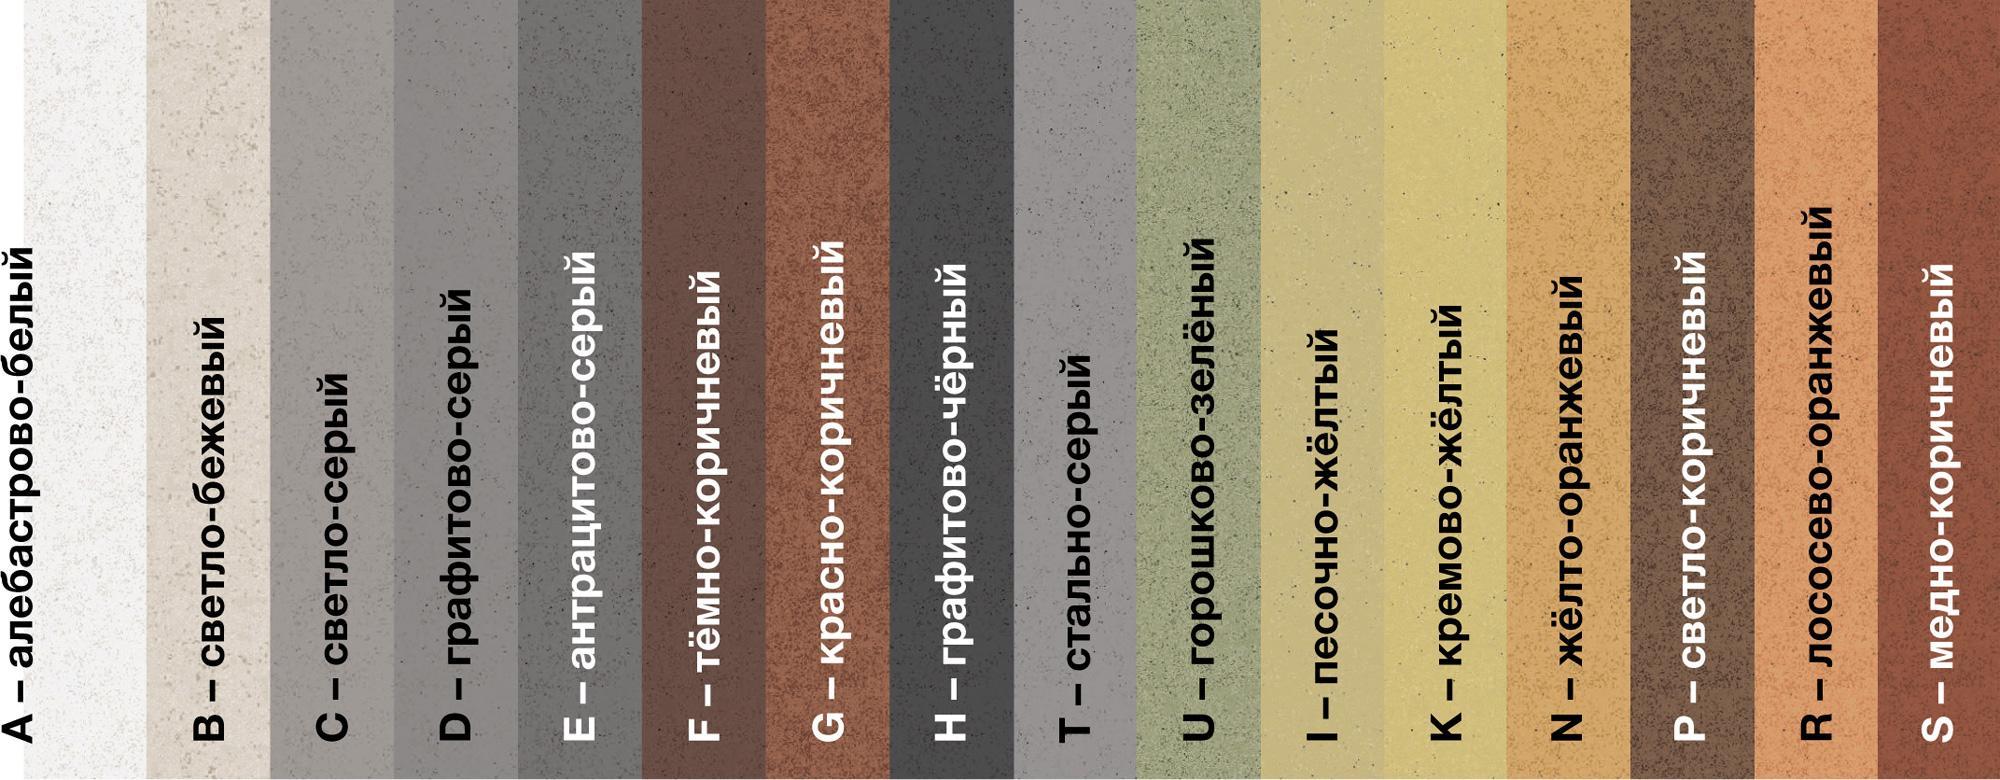 Возможные цвета кладочного раствора Quick-mix VM-01